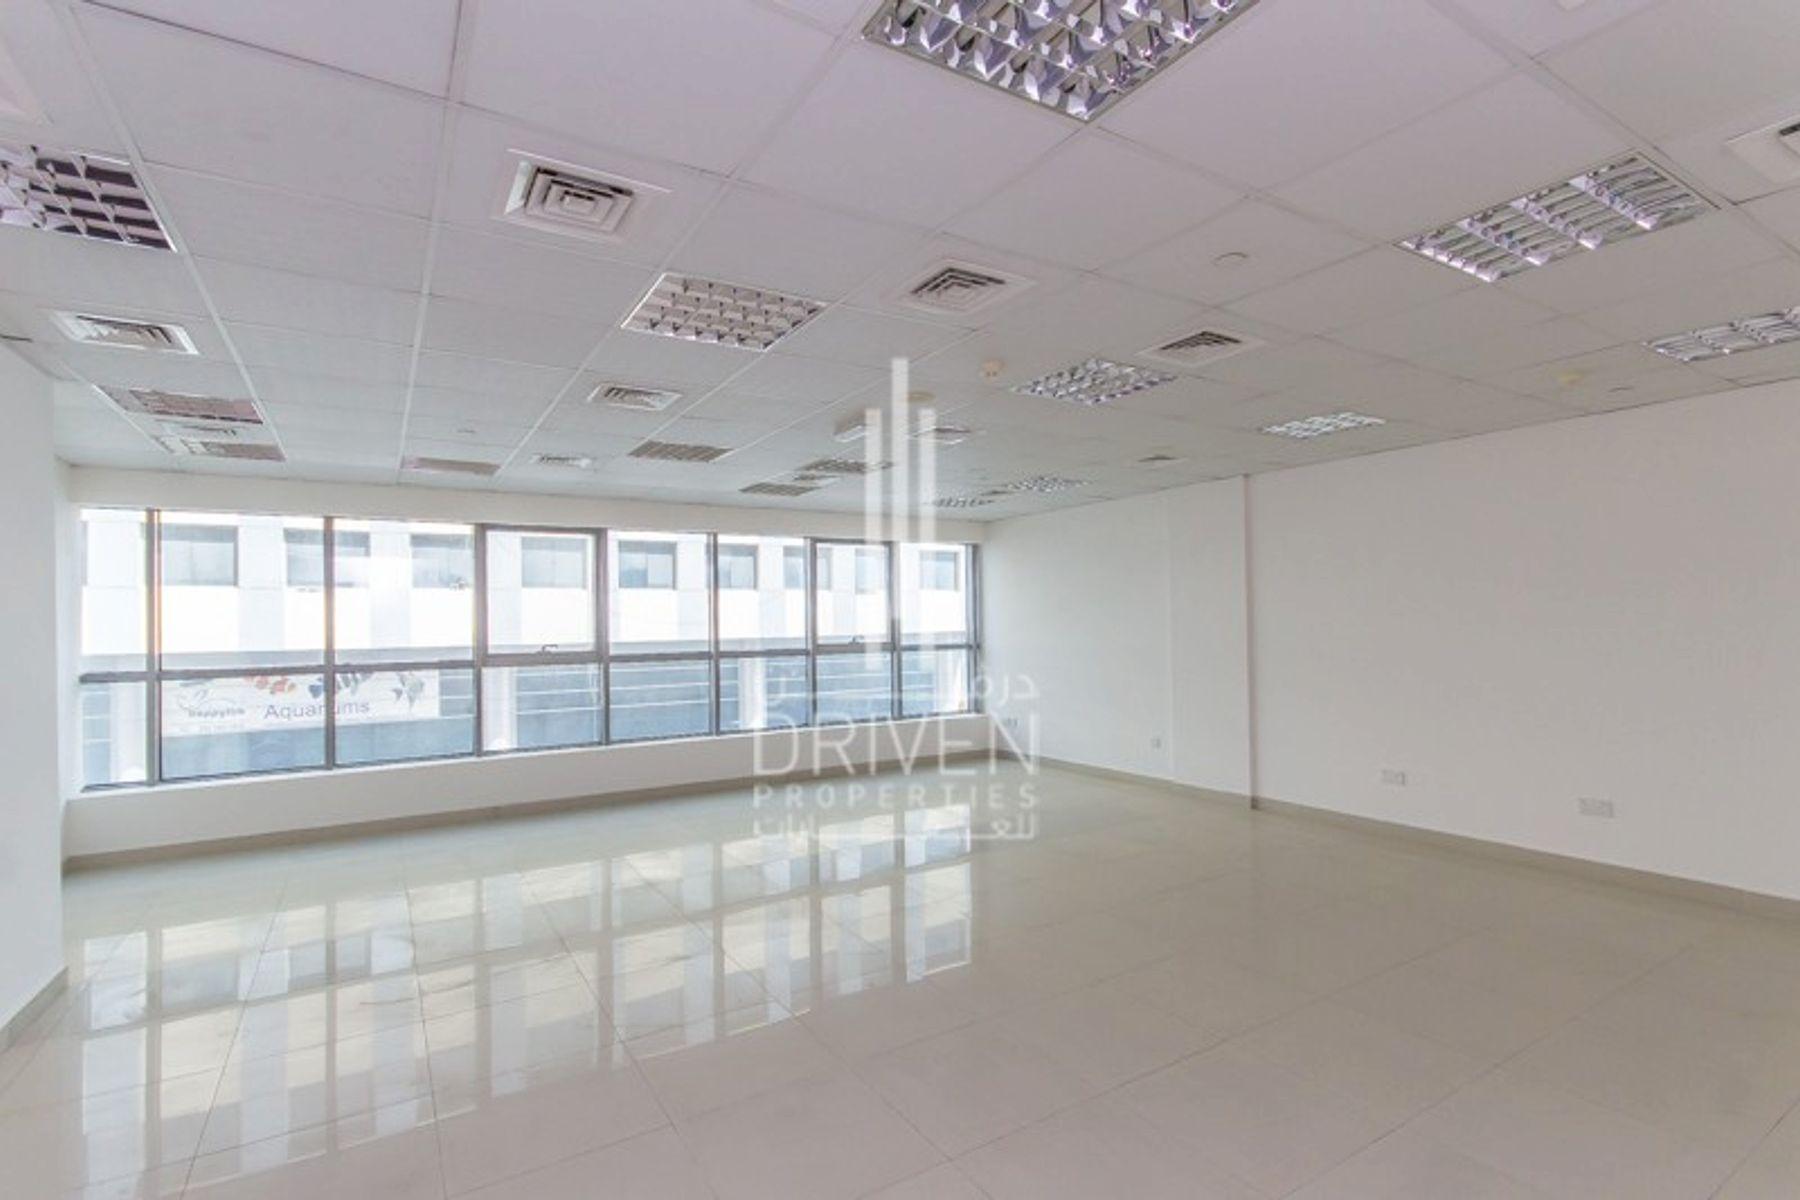 922 قدم مربع  مكتب - للايجار - مجمع دبي للإستثمار